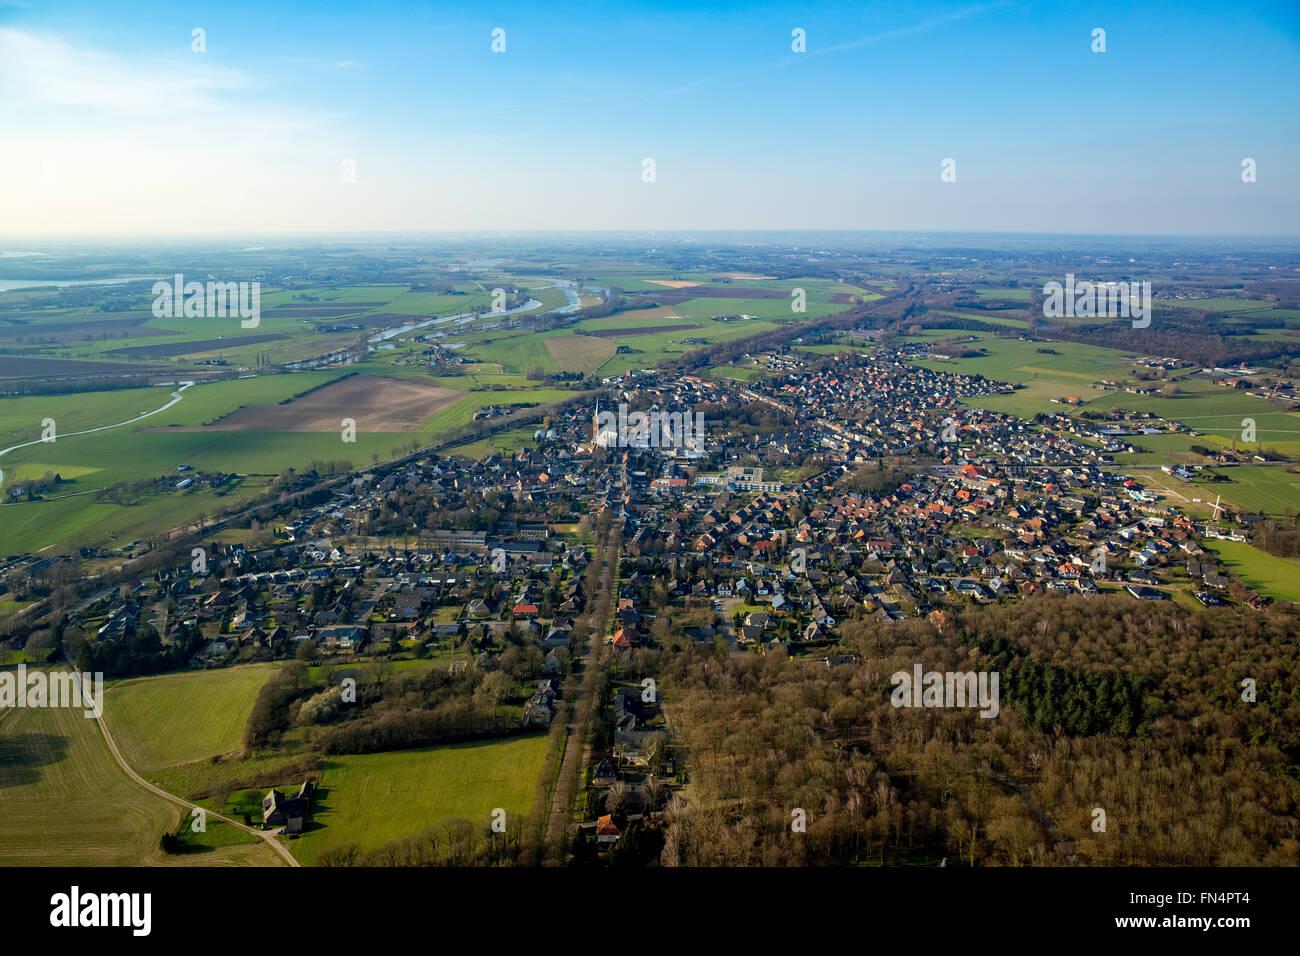 Aerial view, Elten and Hoch-Elten, Emmerich, Lower Rhine region, North Rhine-Westphalia, Germany, Europe, Aerial - Stock Image